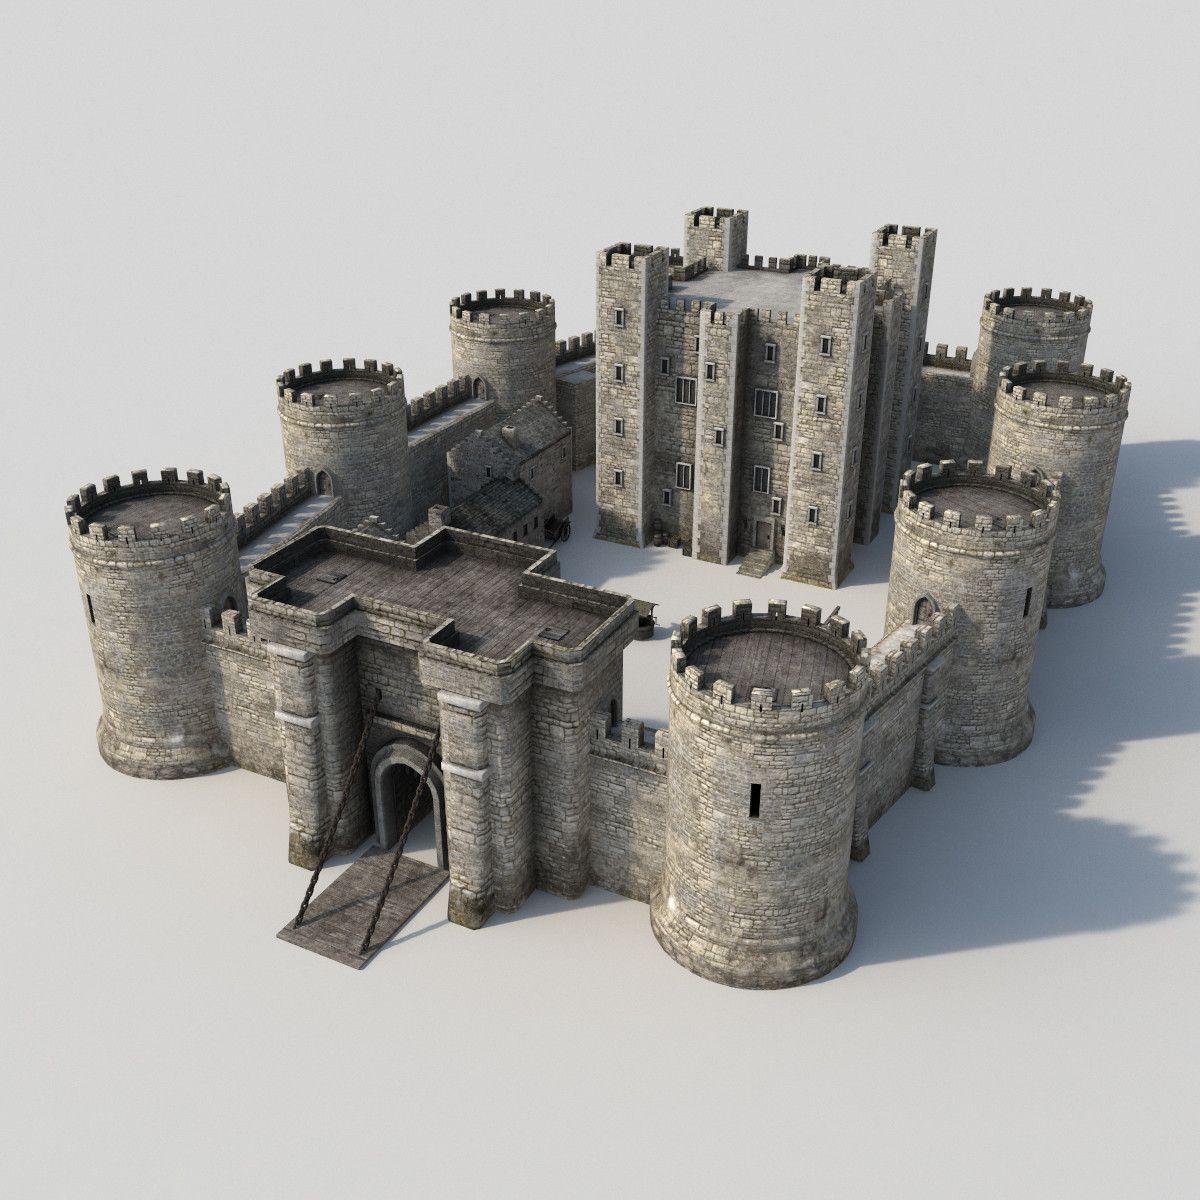 каждым годом замки и крепости фото схемы редактор оснащен полным